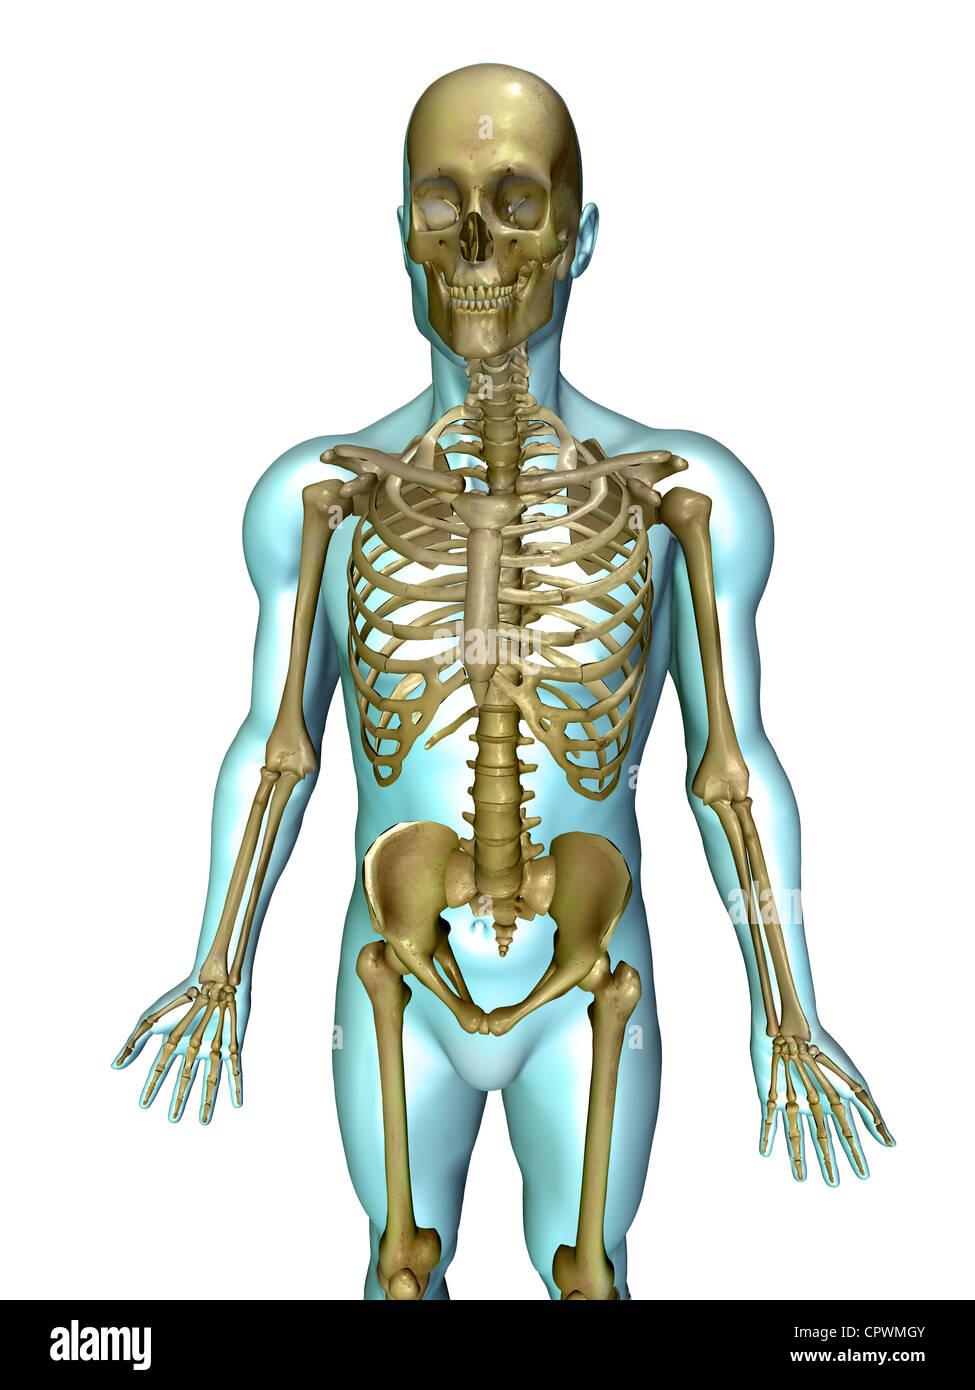 Ilustración anatómica del cuerpo humano mostrando el esqueleto ...